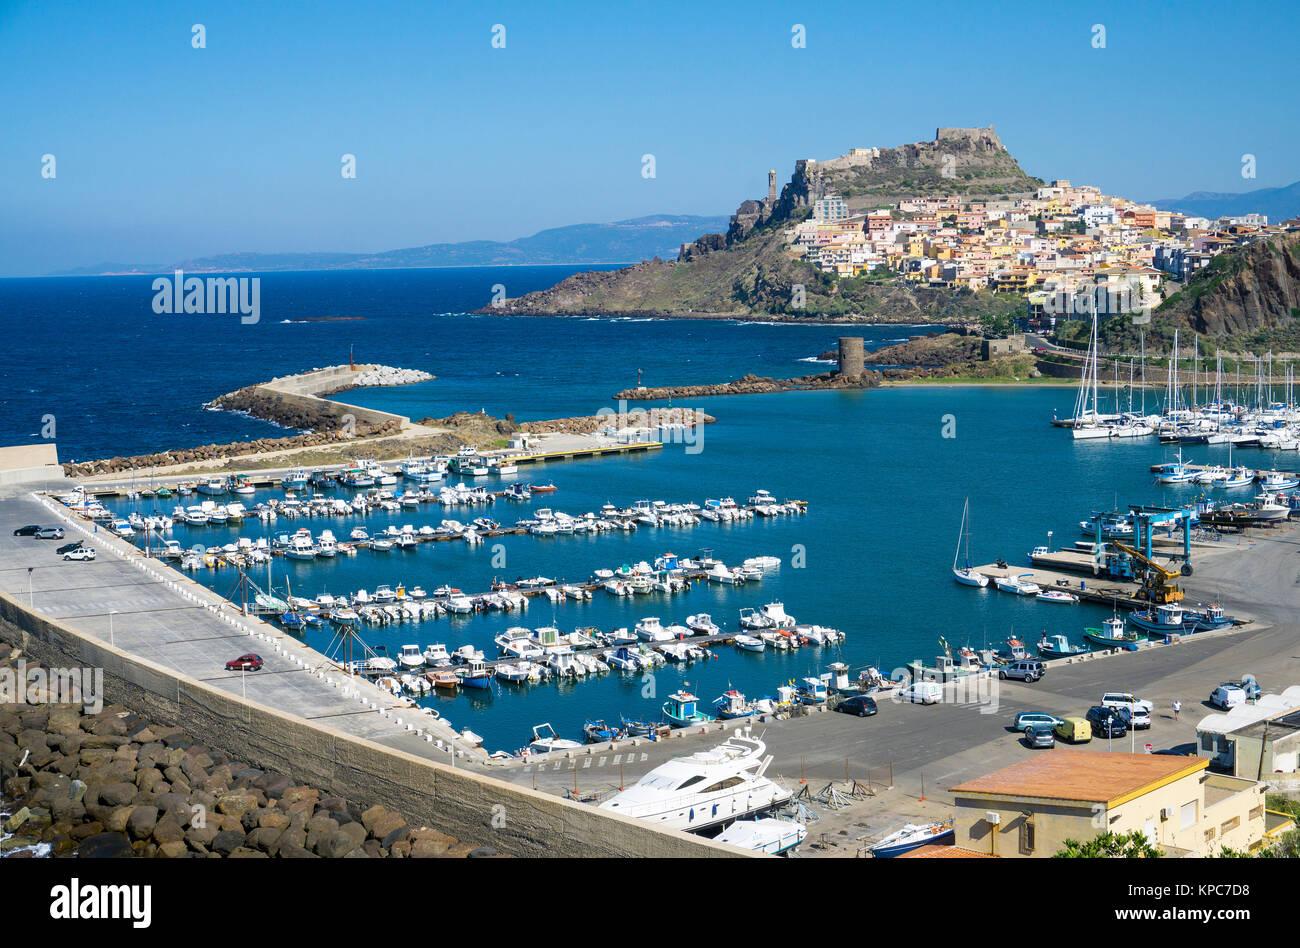 View on harbour and Castelsardo, Sardinia, Italy, Mediterranean sea, Europe Stock Photo